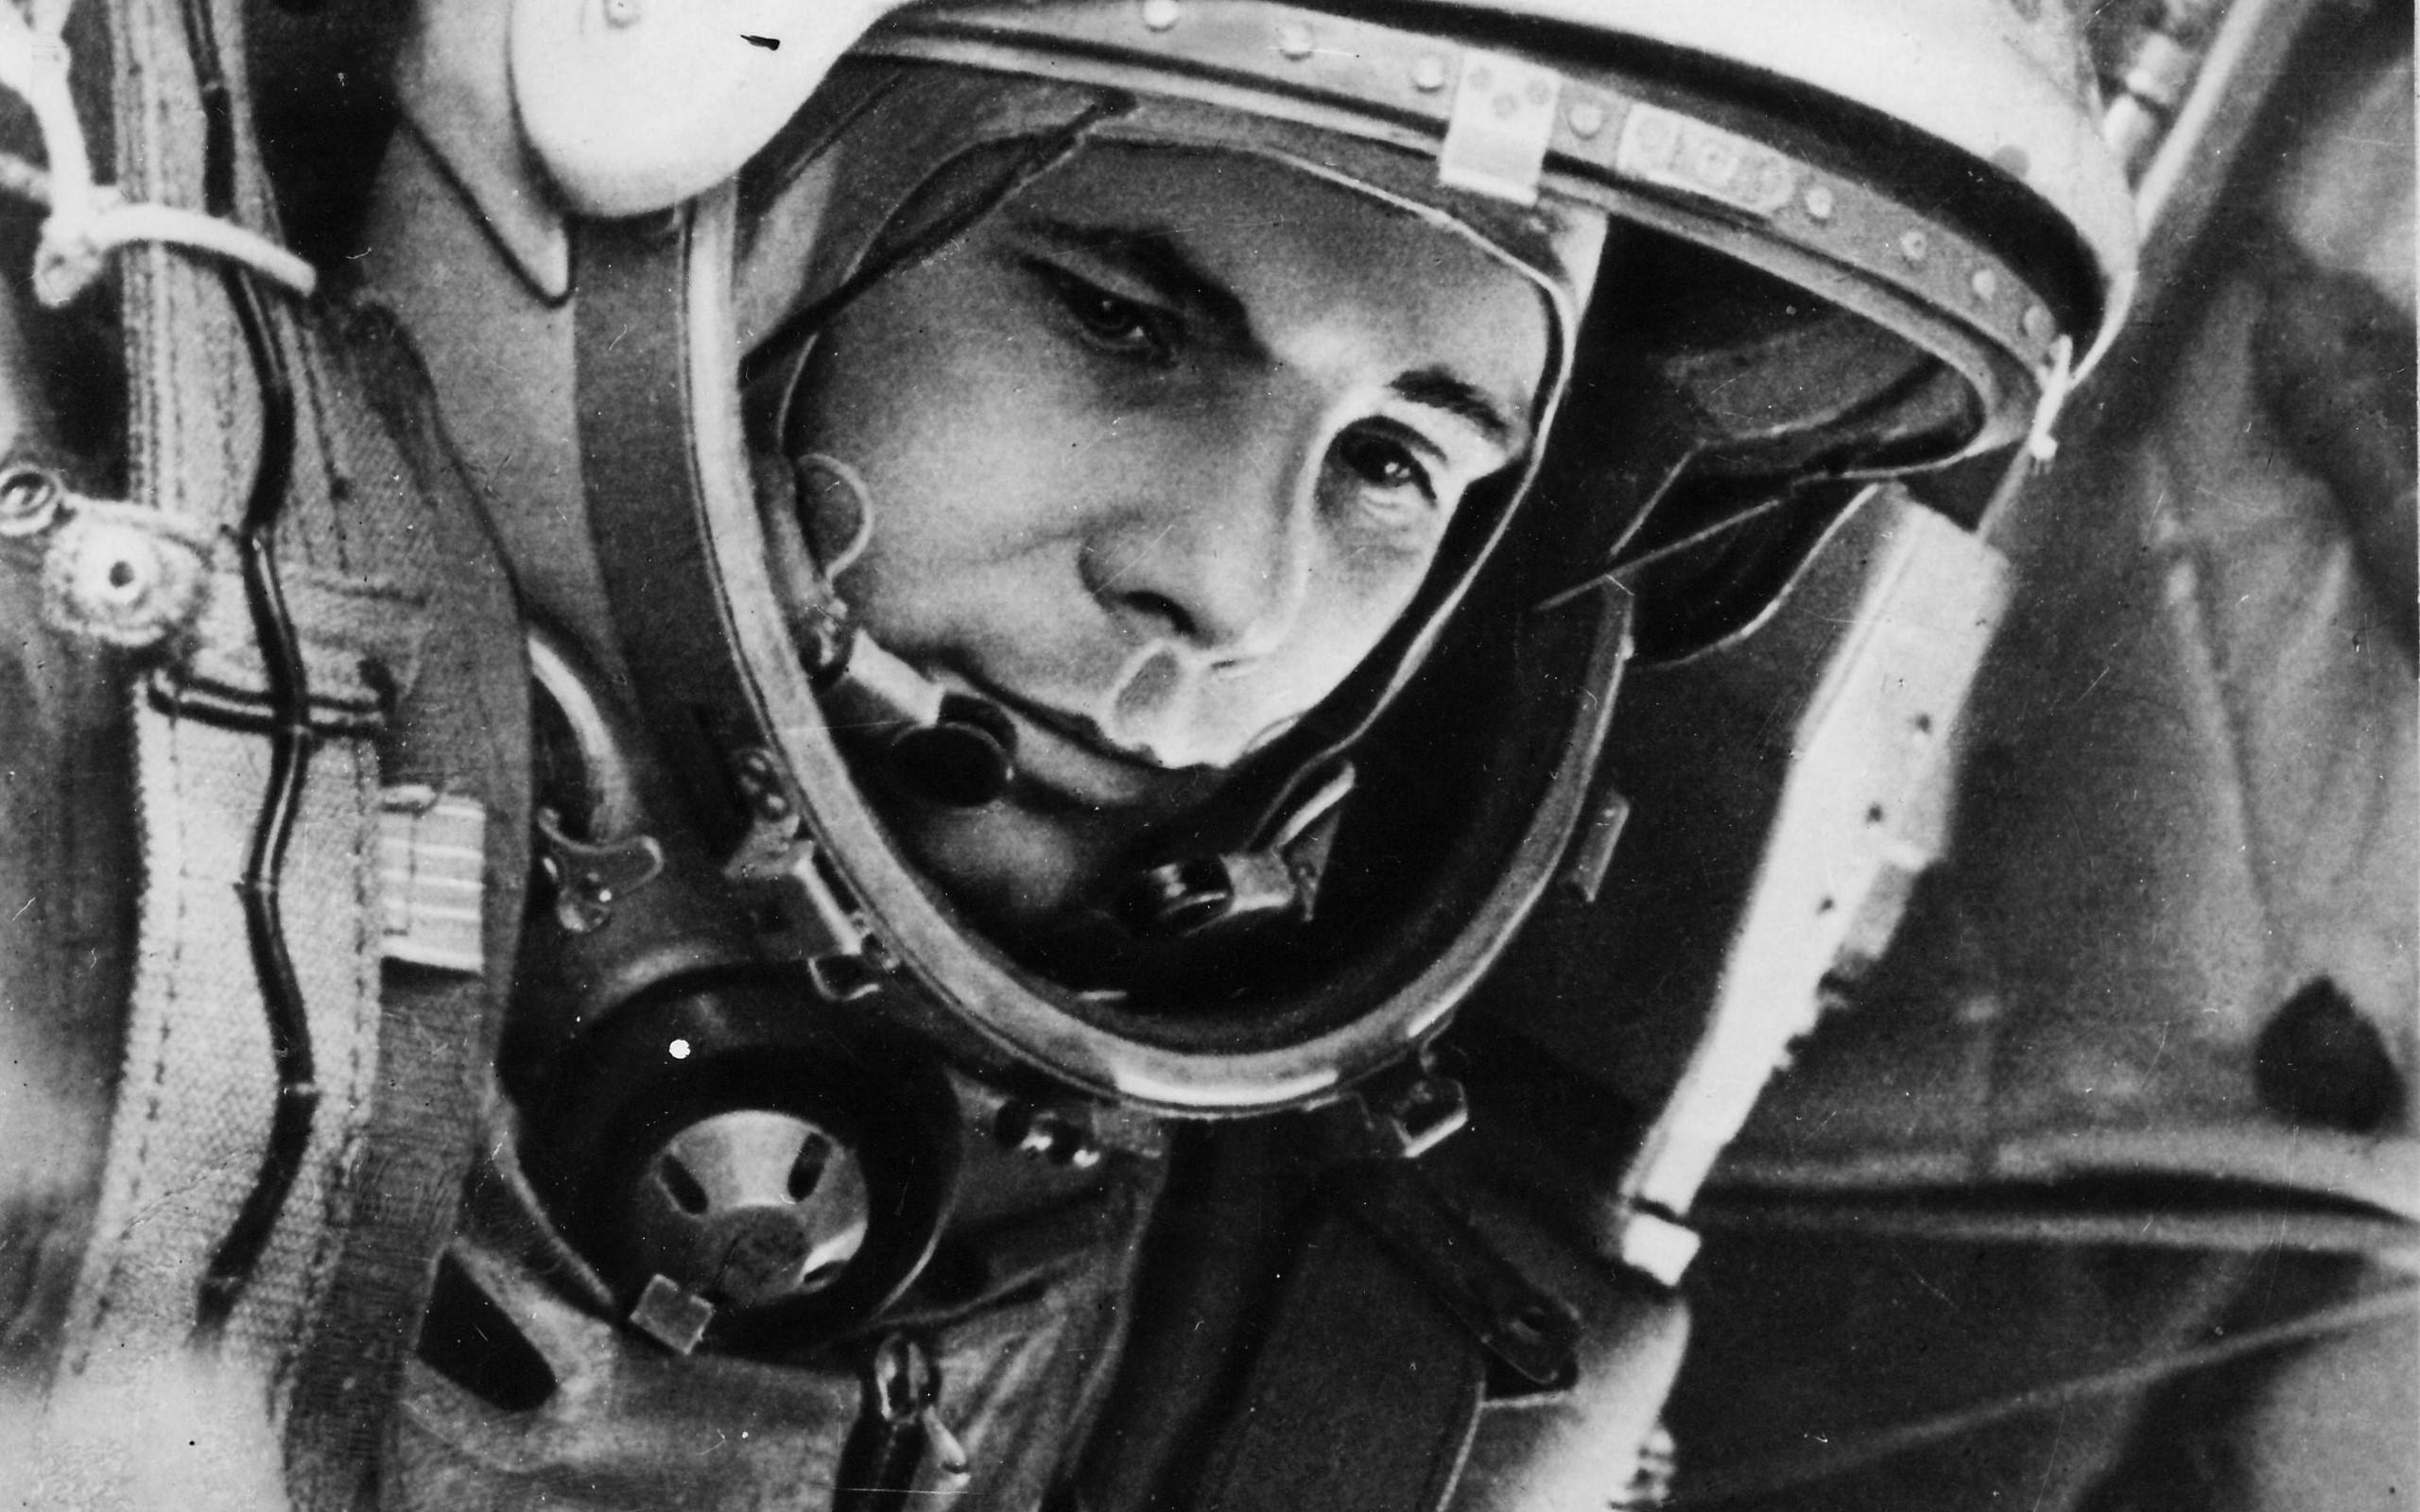 1961- Yuri Gagarin is the first human in space.